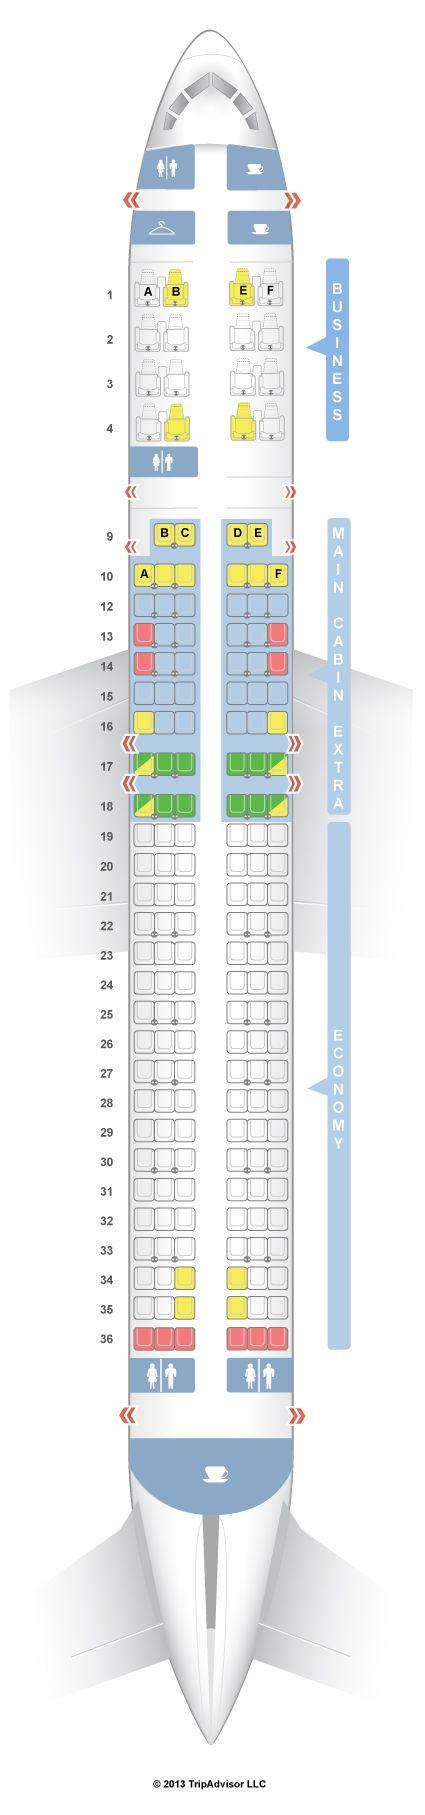 SeatGuru Seat Map American Airlines Boeing 757-200 (752) International